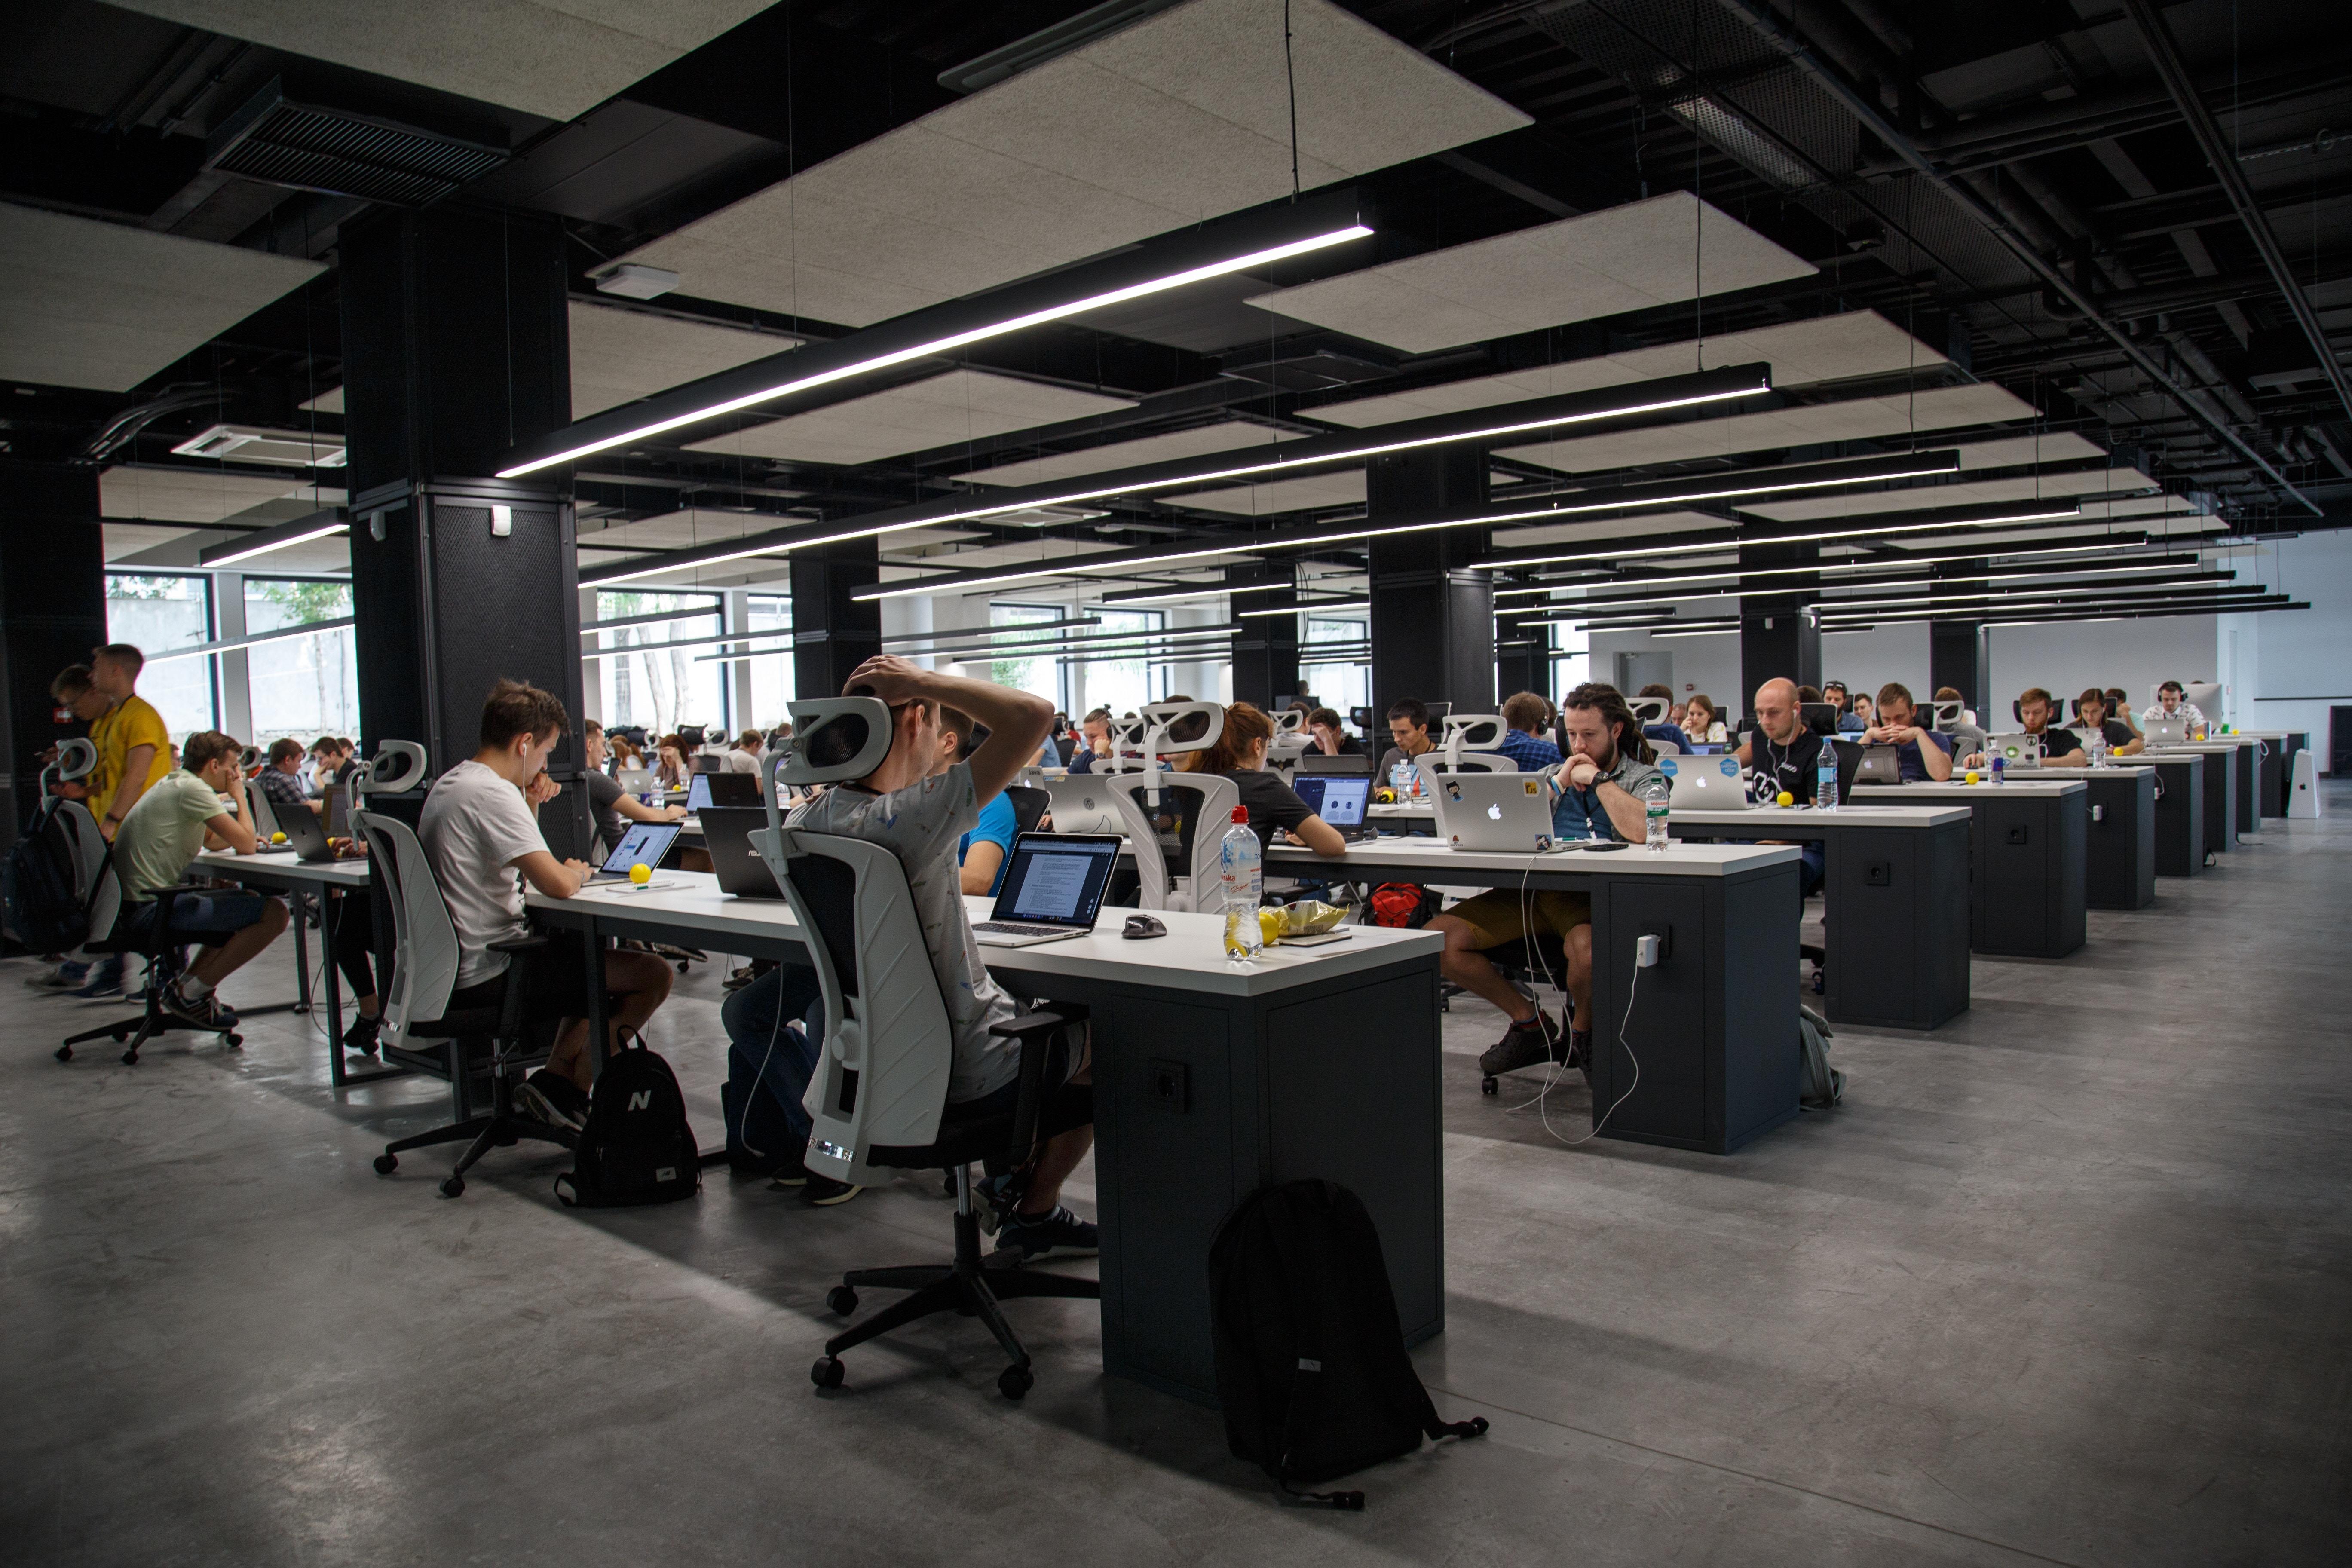 streamline_business_with_digital_documents